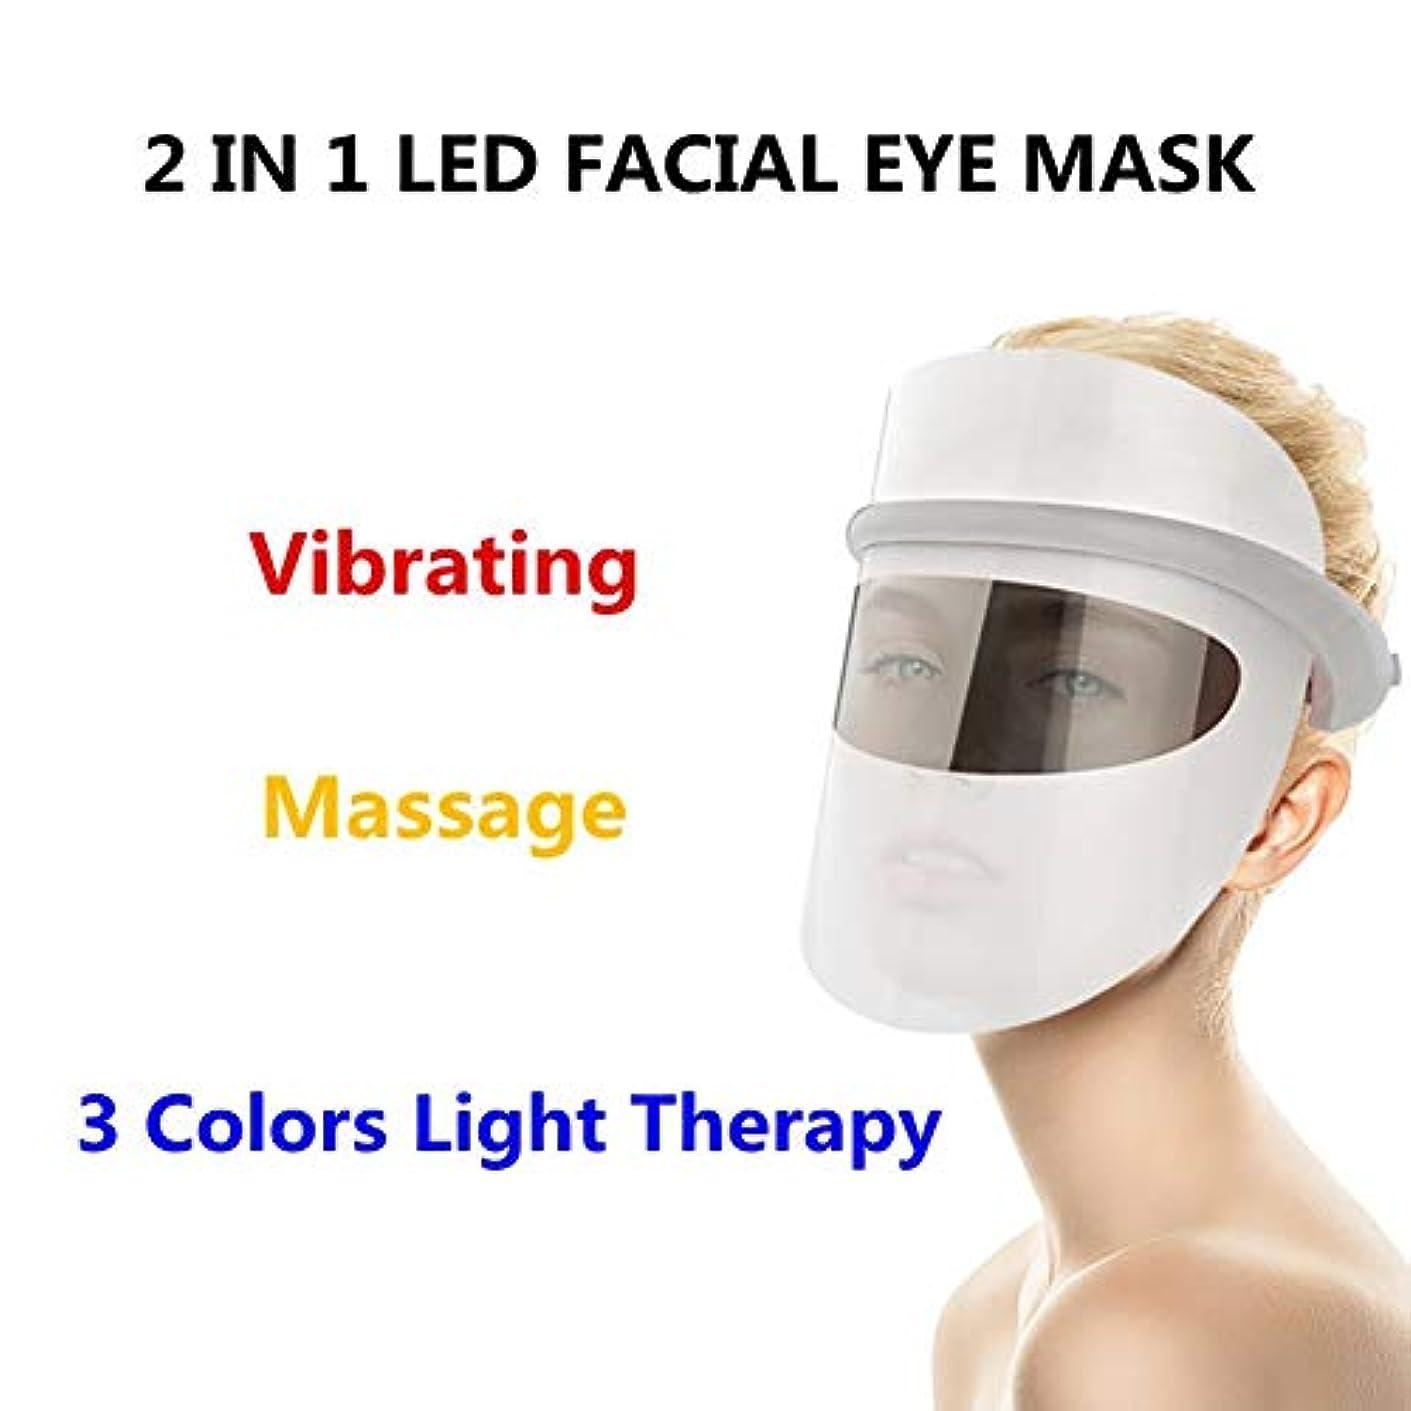 意図するバウンス恥LEDフォトンビューティーマスク、家庭用Ledビューティーマスク、ホットコンプレックス振動マッサージアイマスク3色、コラーゲン、アンチエイジング、しわ、瘢痕